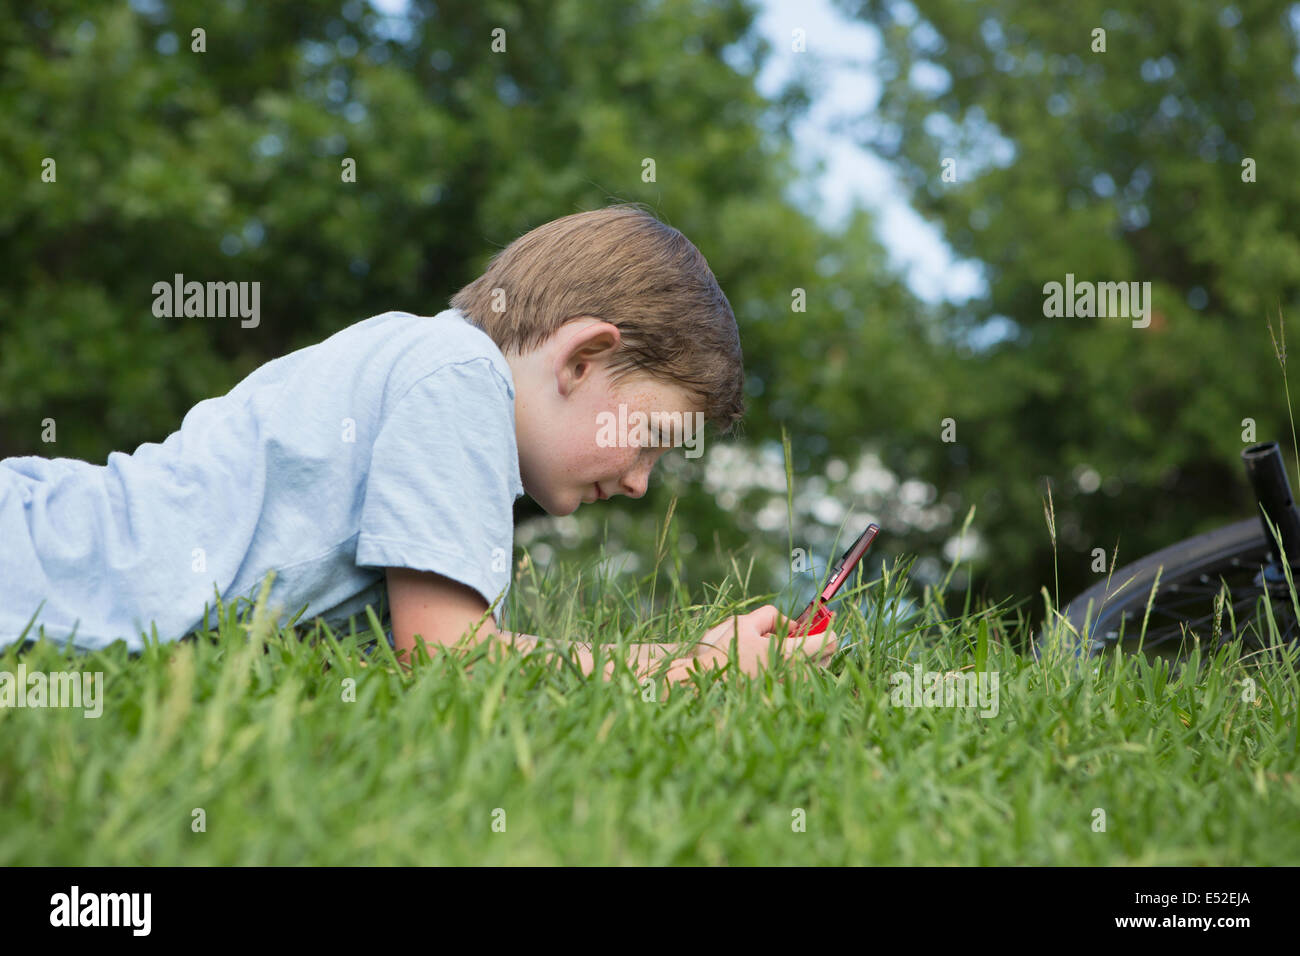 Ein kleiner Junge auf dem Rasen spielen eine Hand liegend statt elektronische Spiel. Stockbild